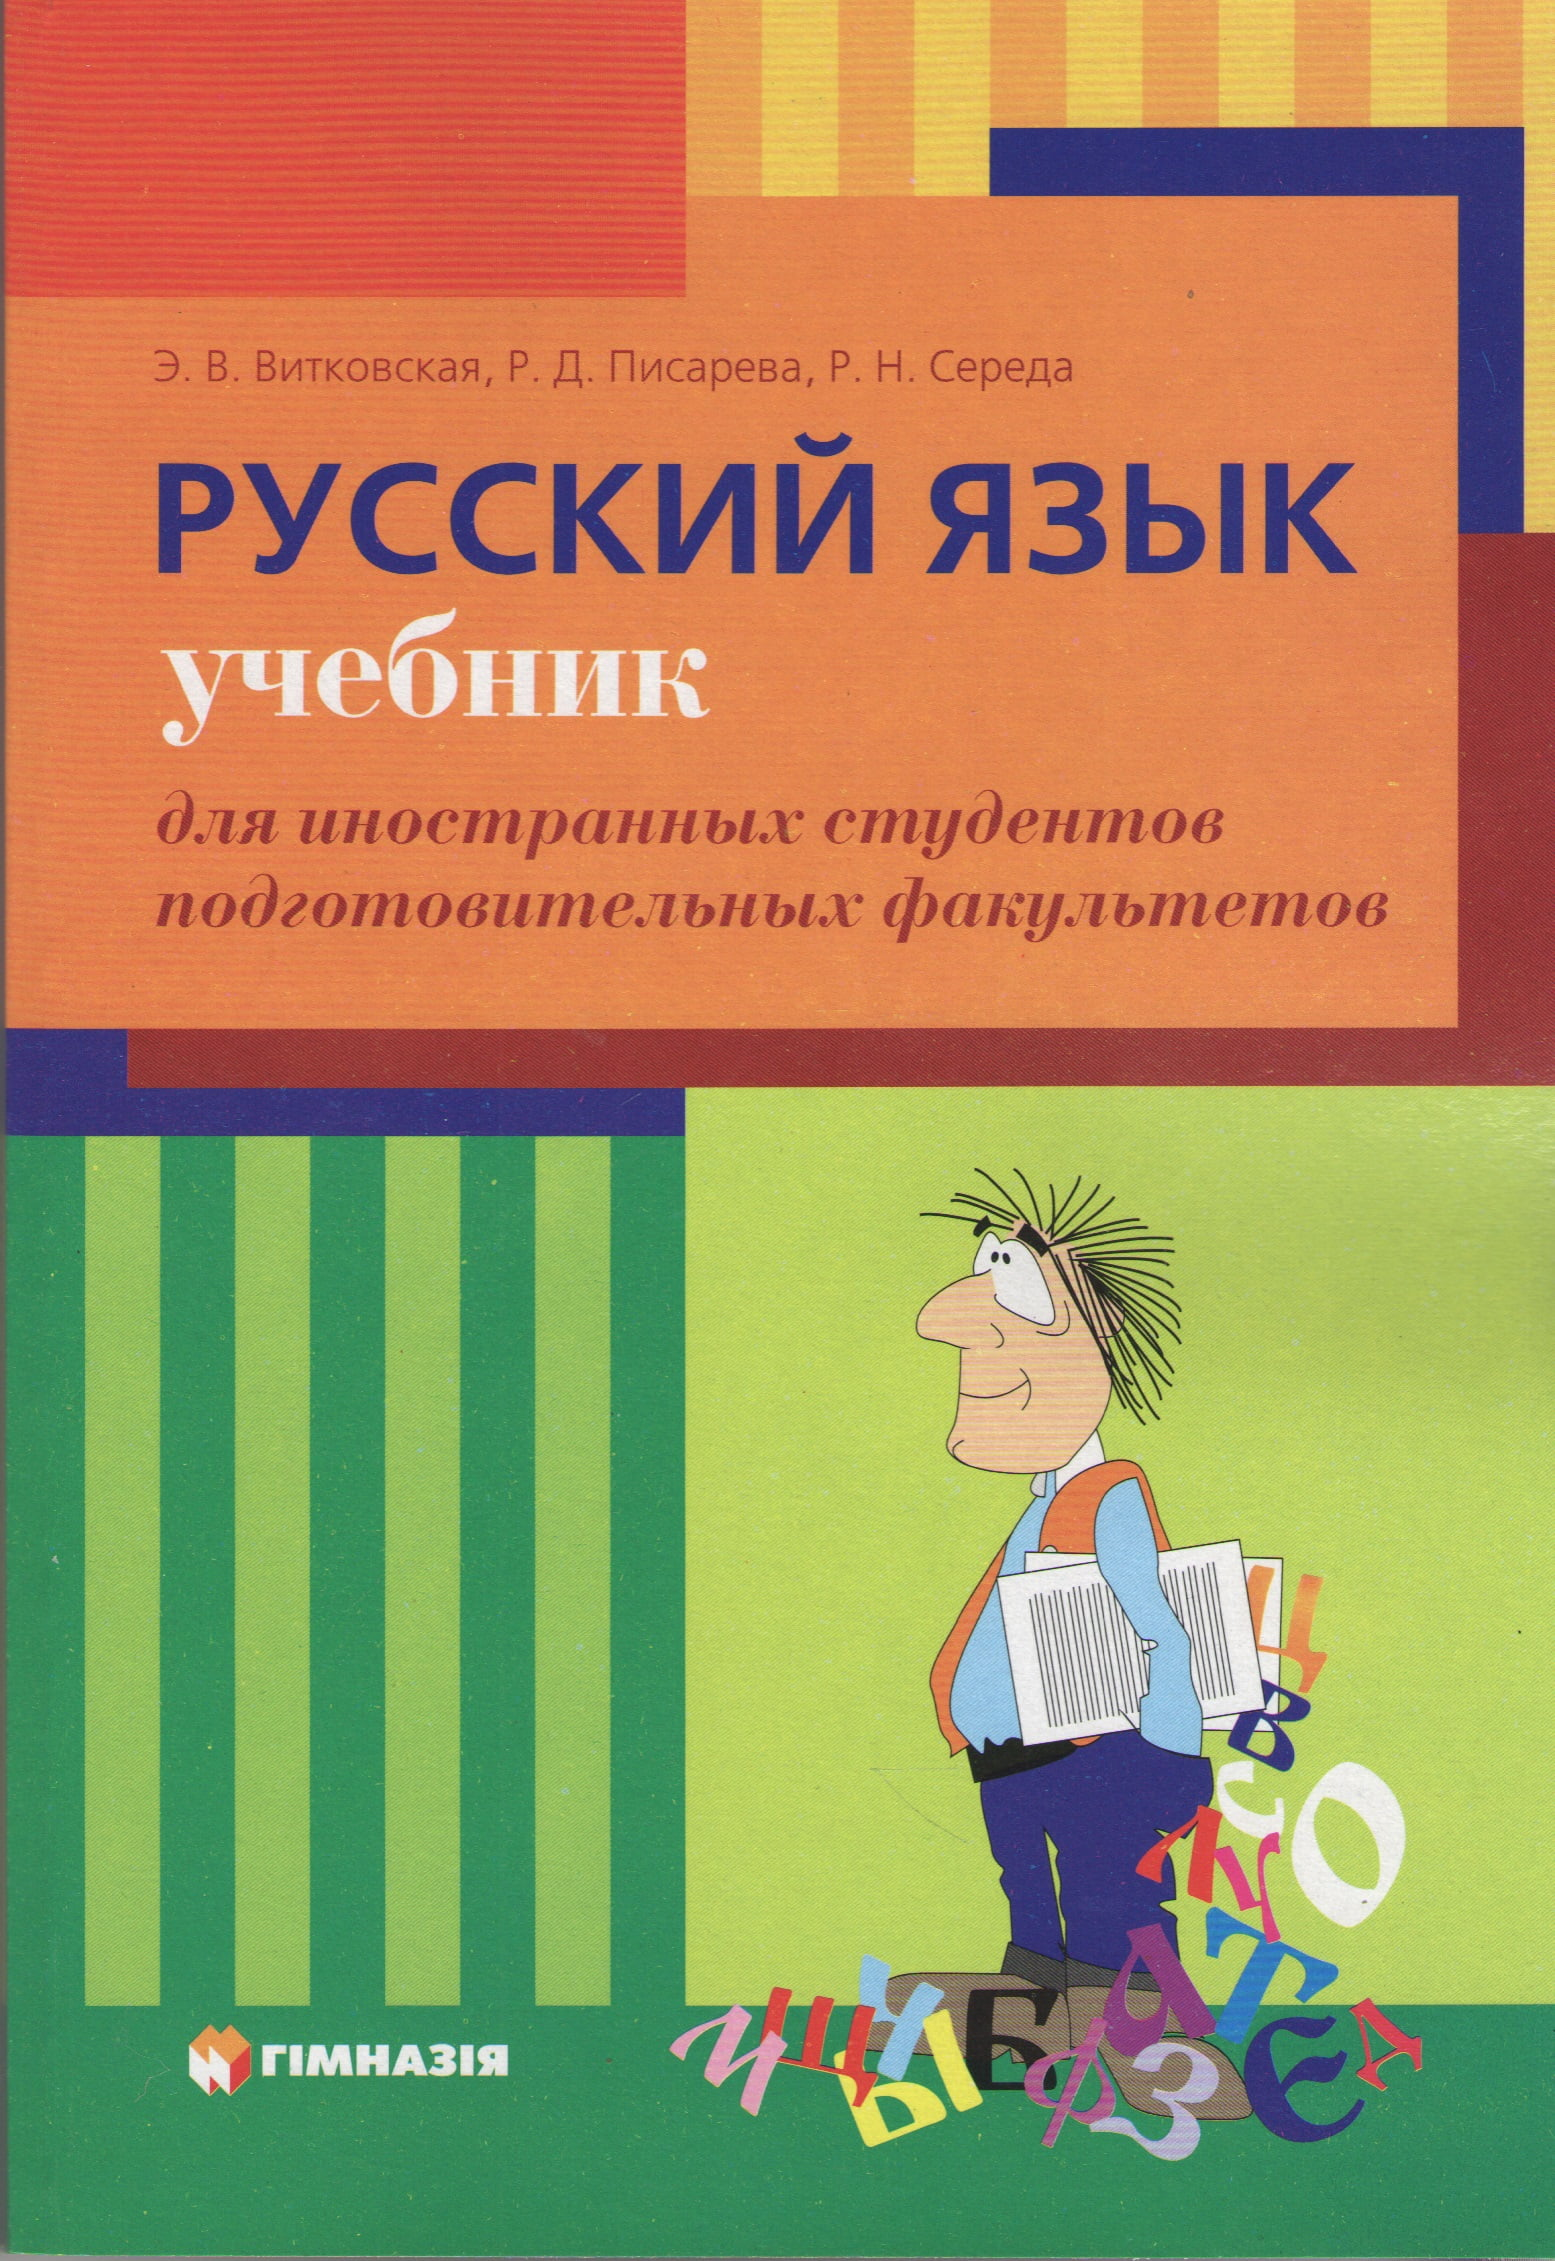 Учебники истории укрраины для вузов